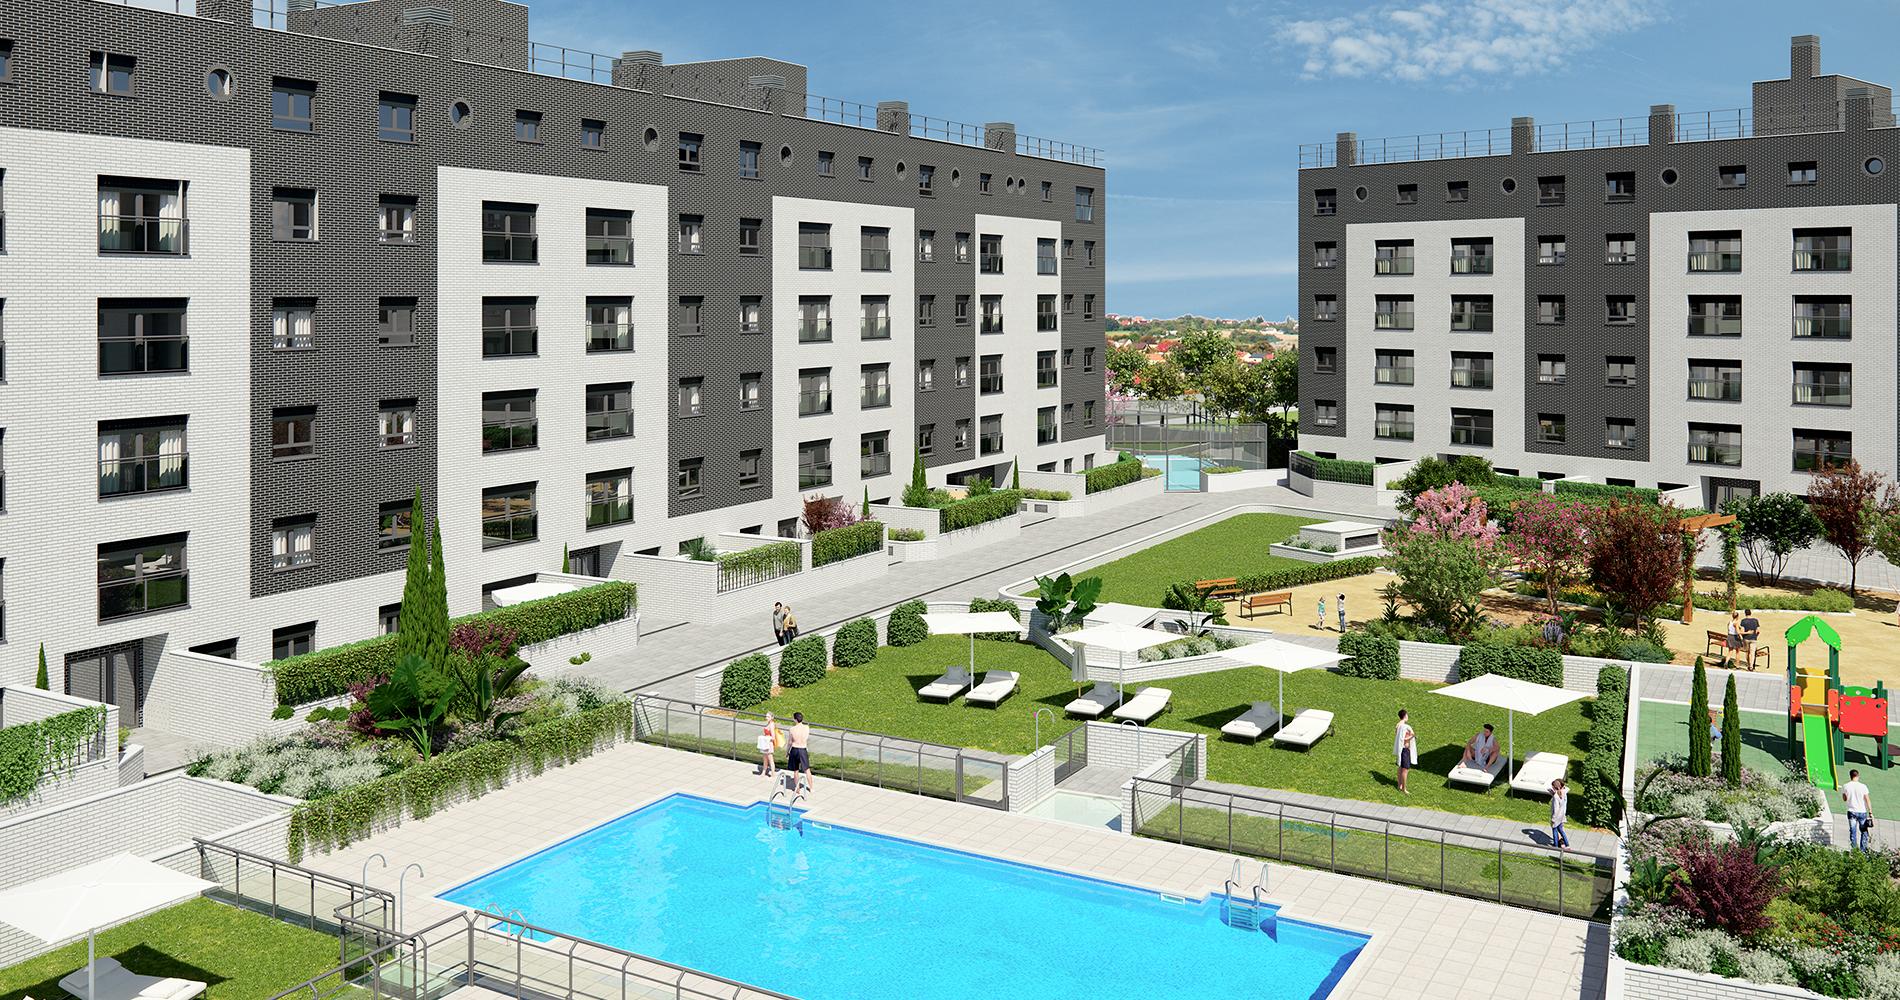 Pryconsa Jardín de Fuentemar Residencial piscina